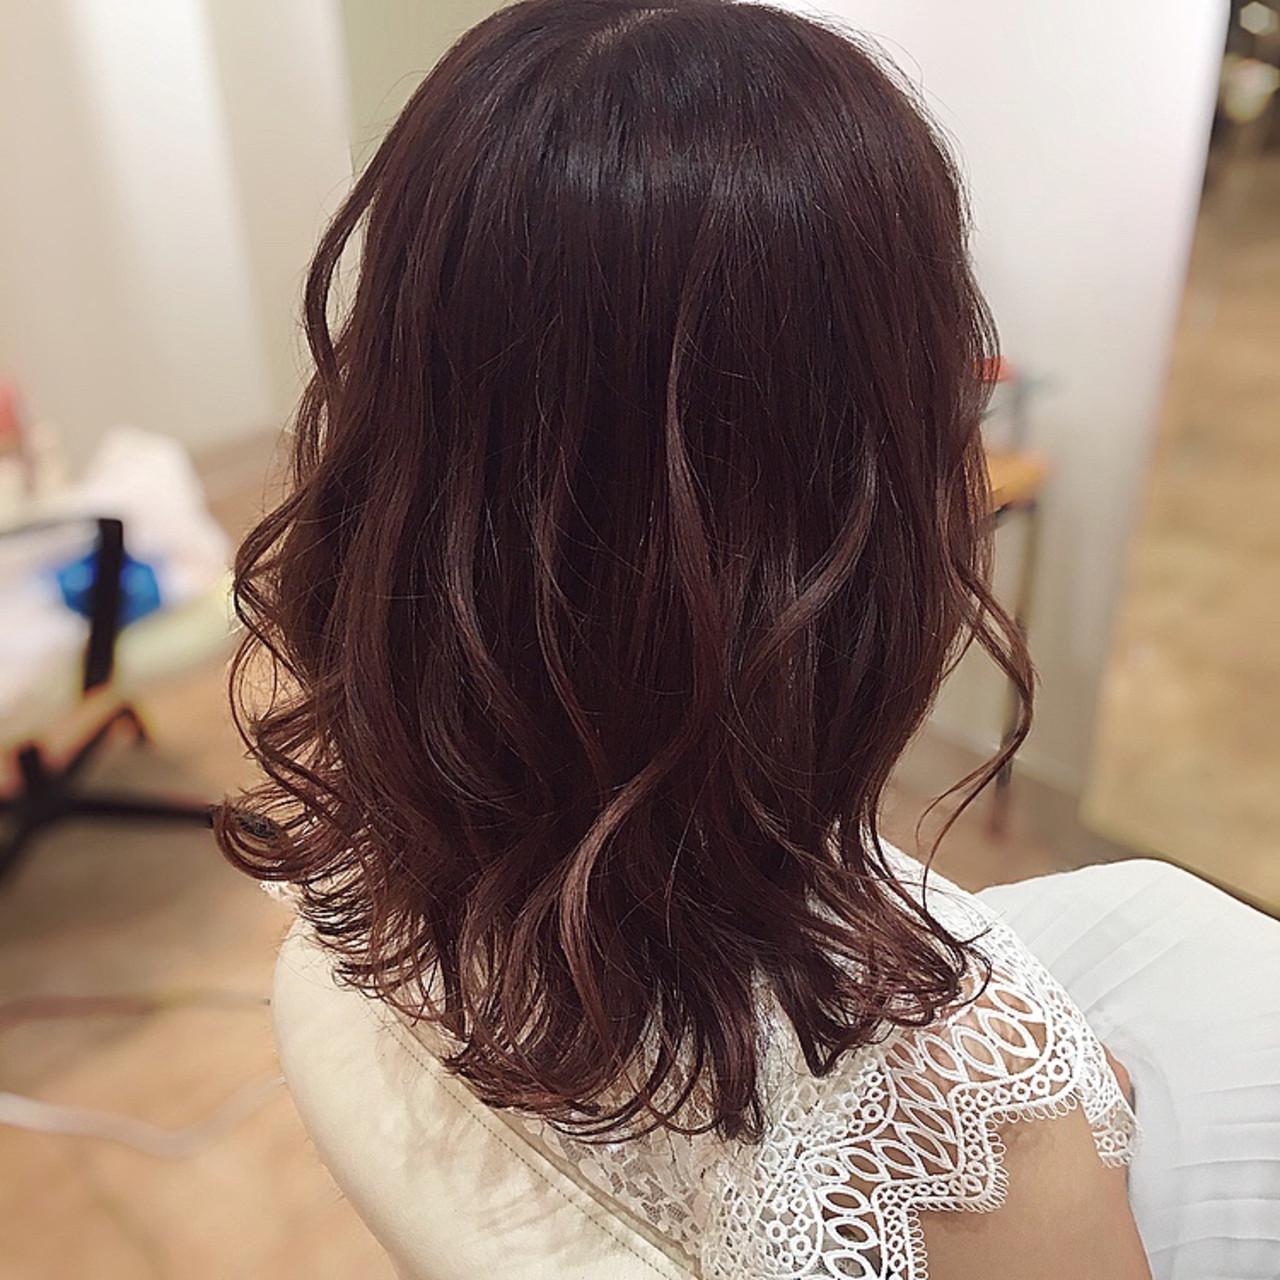 ピンクブラウン ラズベリーピンク ロング ピンクベージュヘアスタイルや髪型の写真・画像